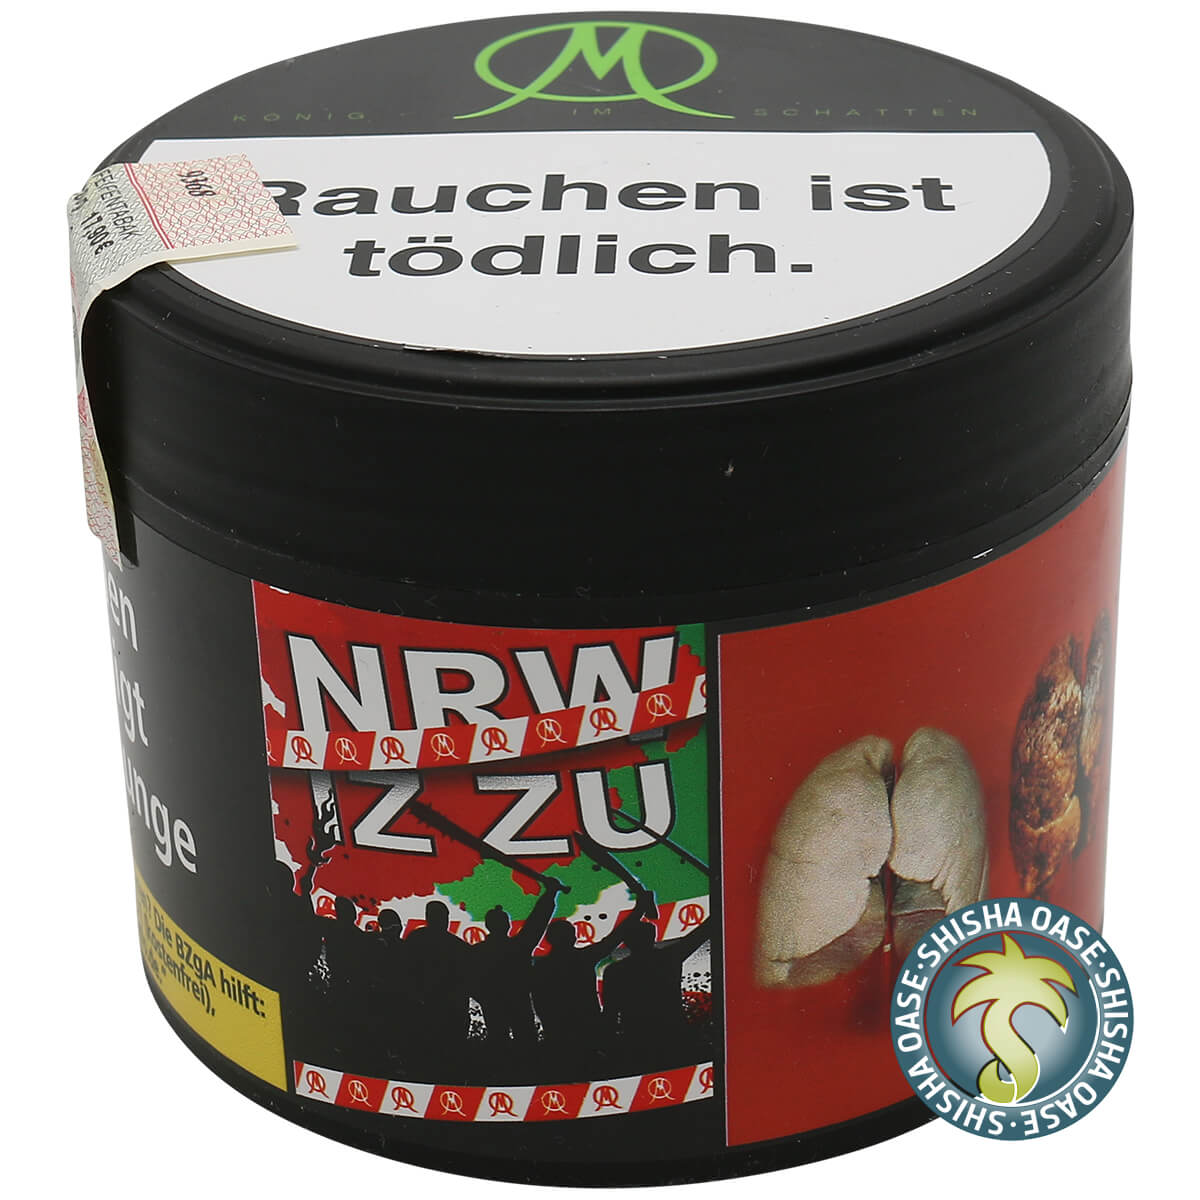 König im Schatten Tabak 200g Dose | NRW iz zu